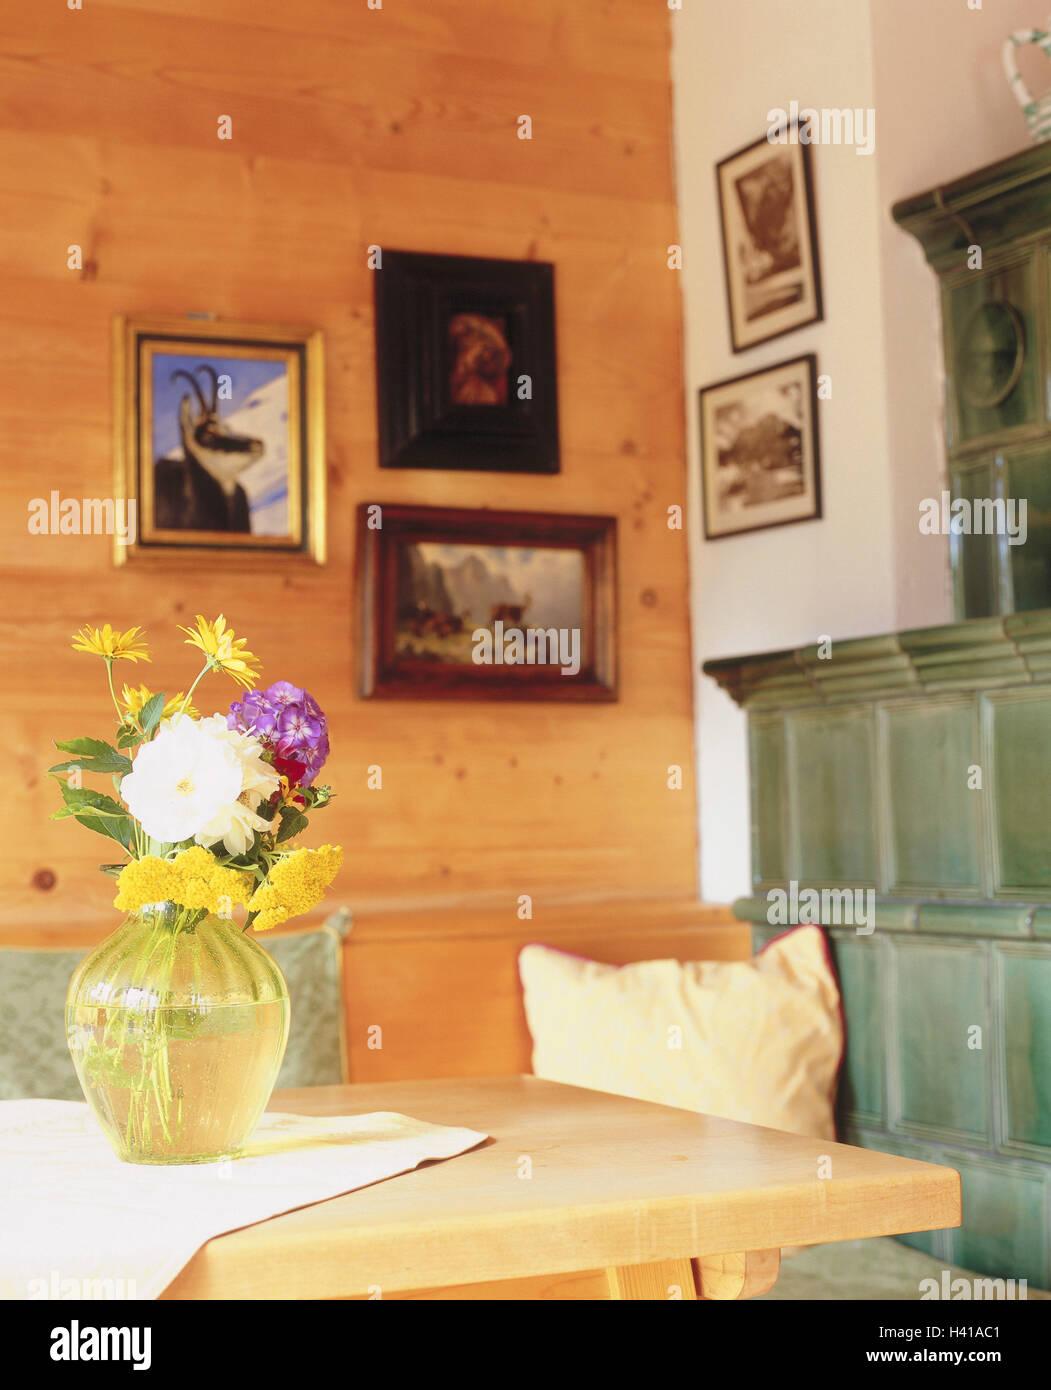 Wohnraum, Kachelofen, Detail, Zimmer, Bauernstube, Küche, Wohnraum ...